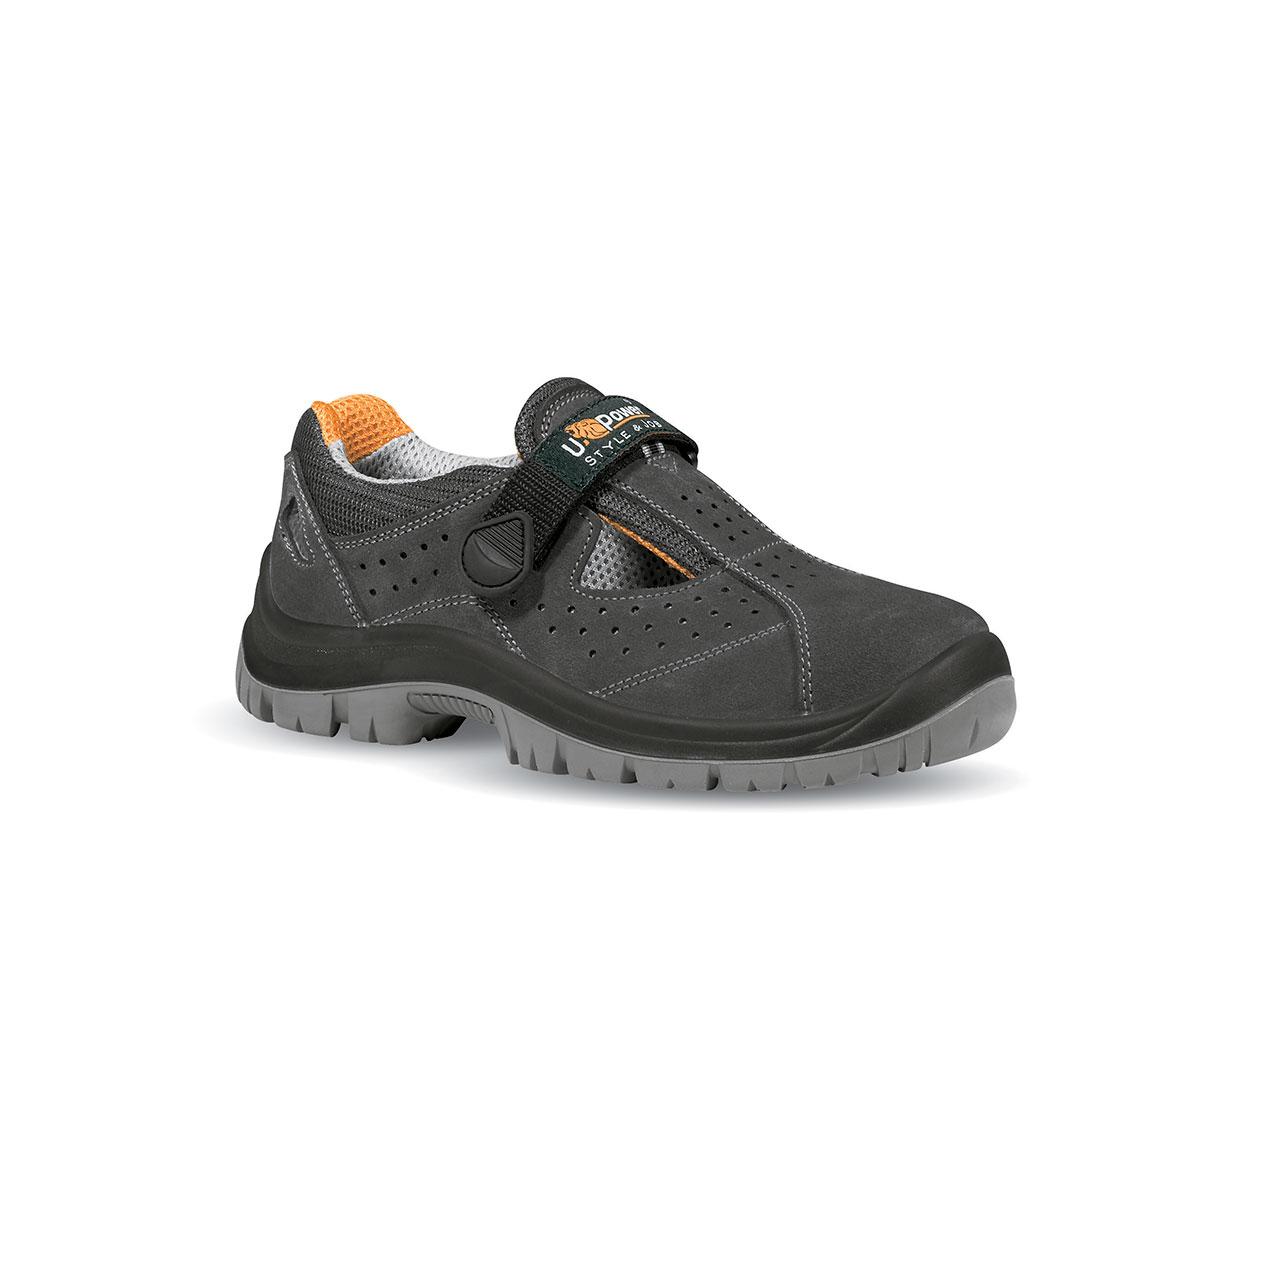 scarpa antinfortunistica upower modello magic linea STYLE_JOB vista laterale